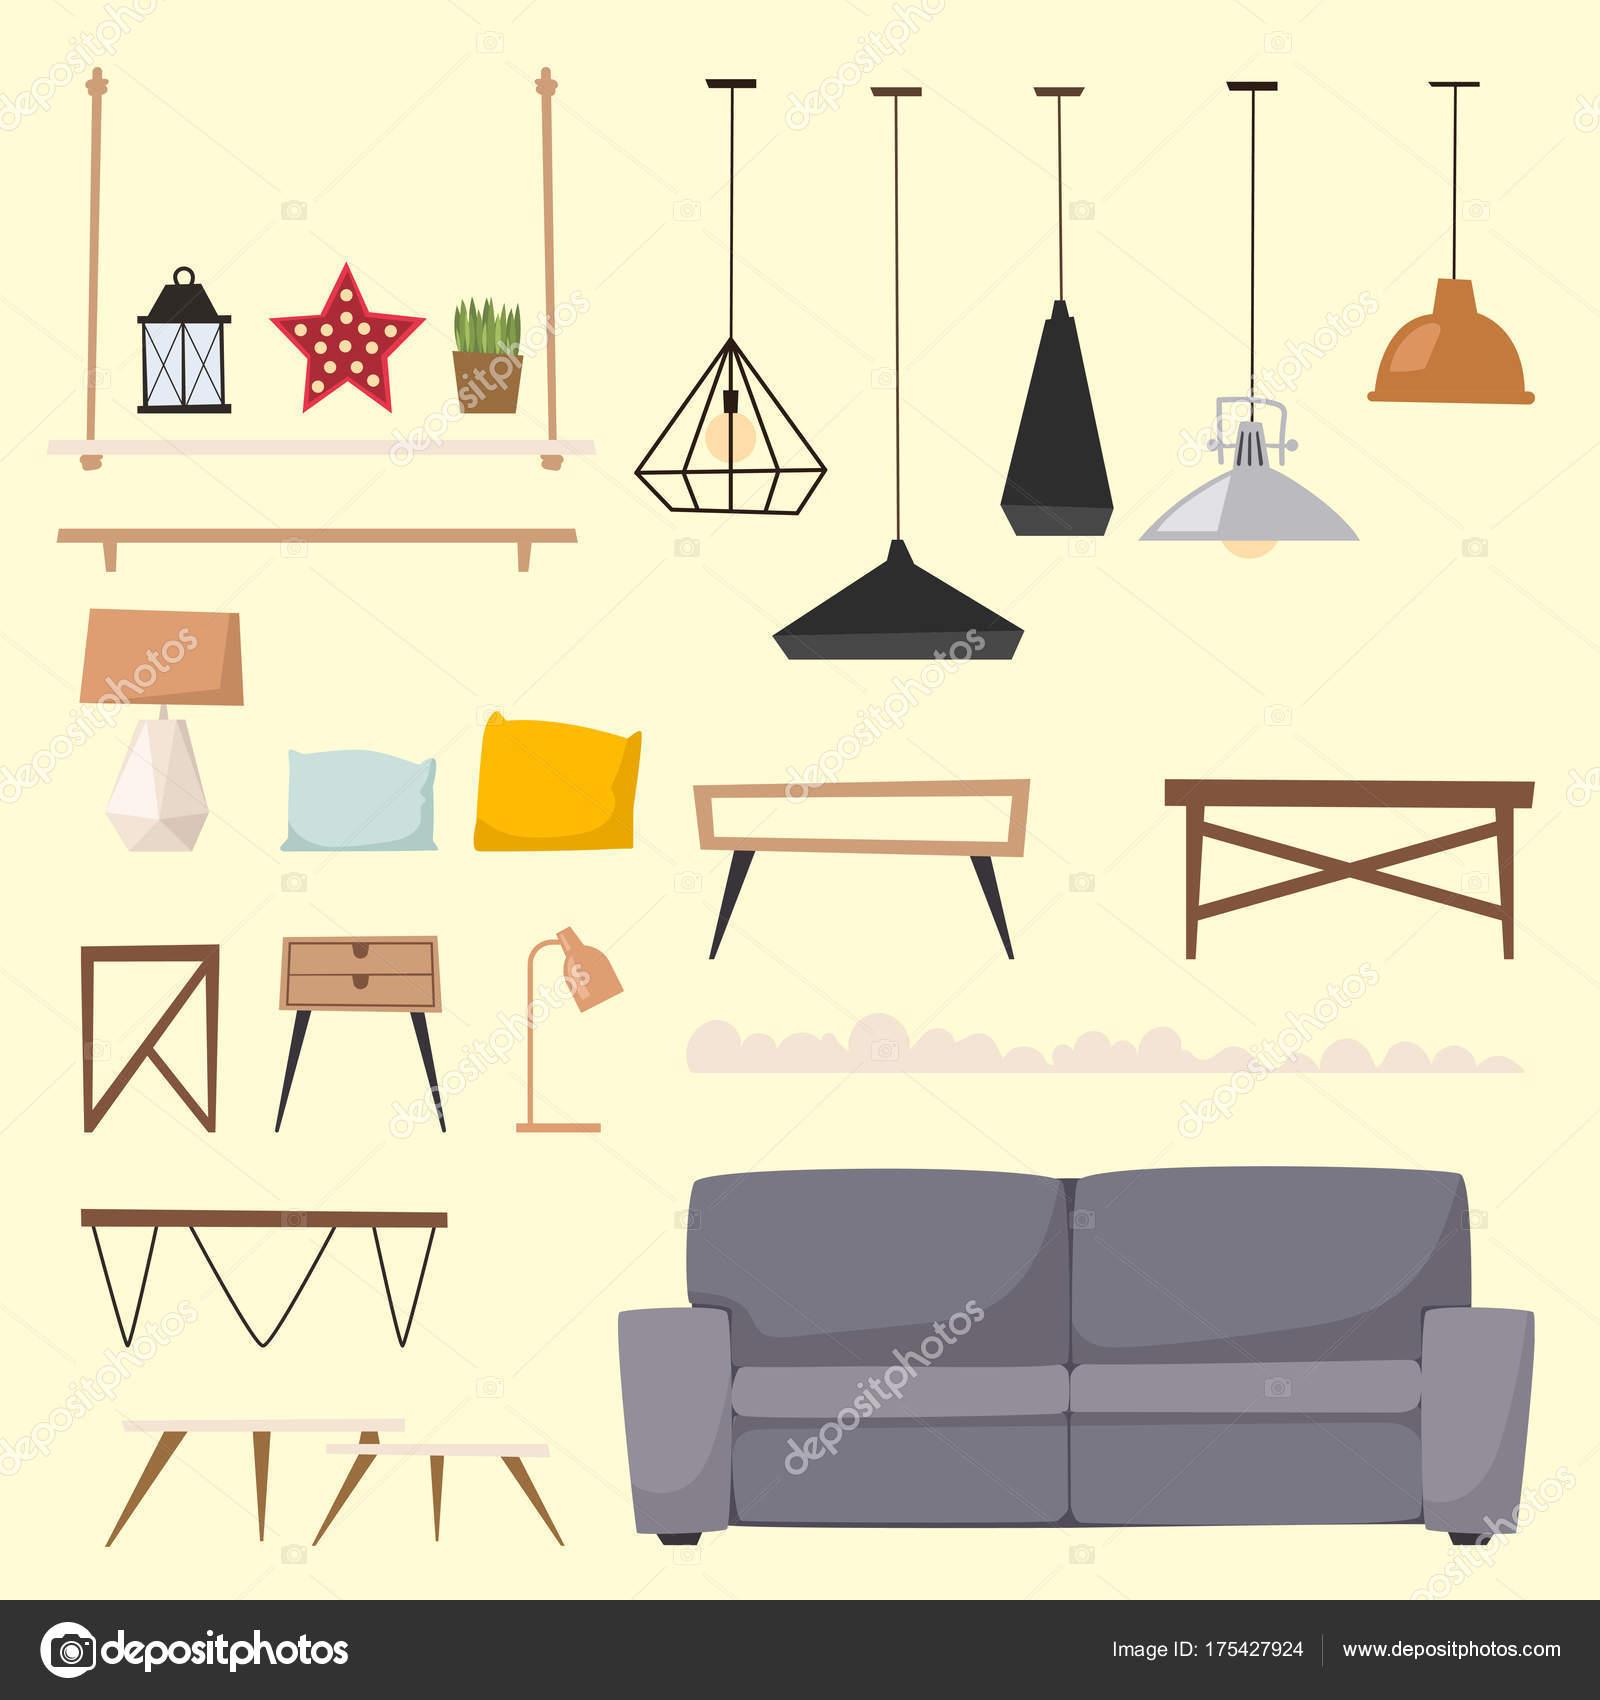 Furniture room interior design apartment home decor concept flat ...